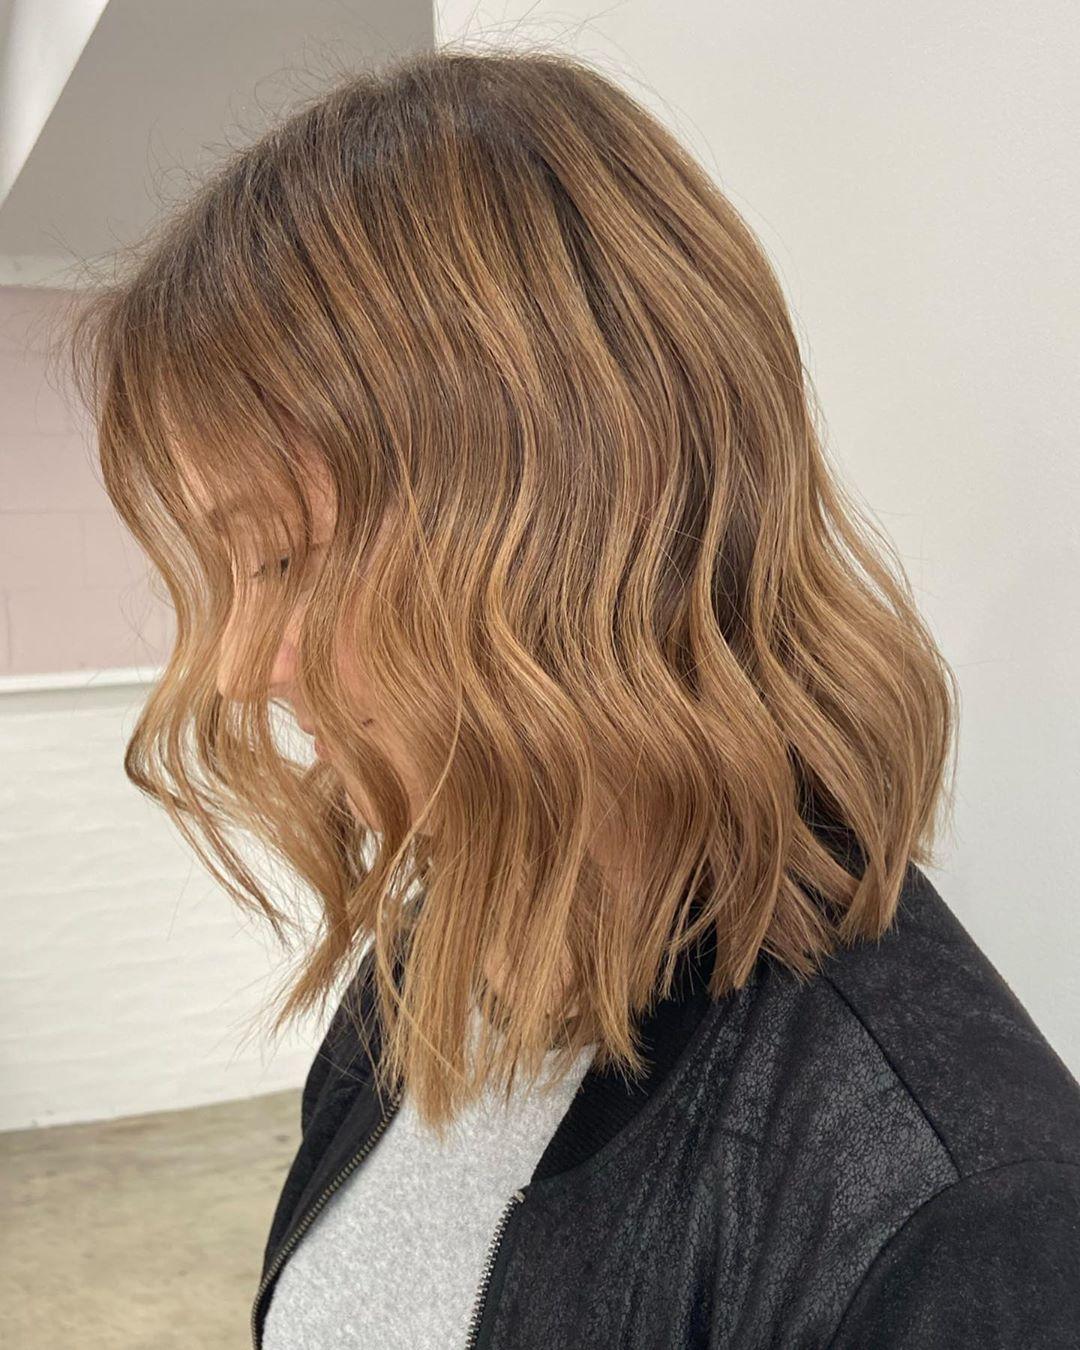 ondas en el cabello